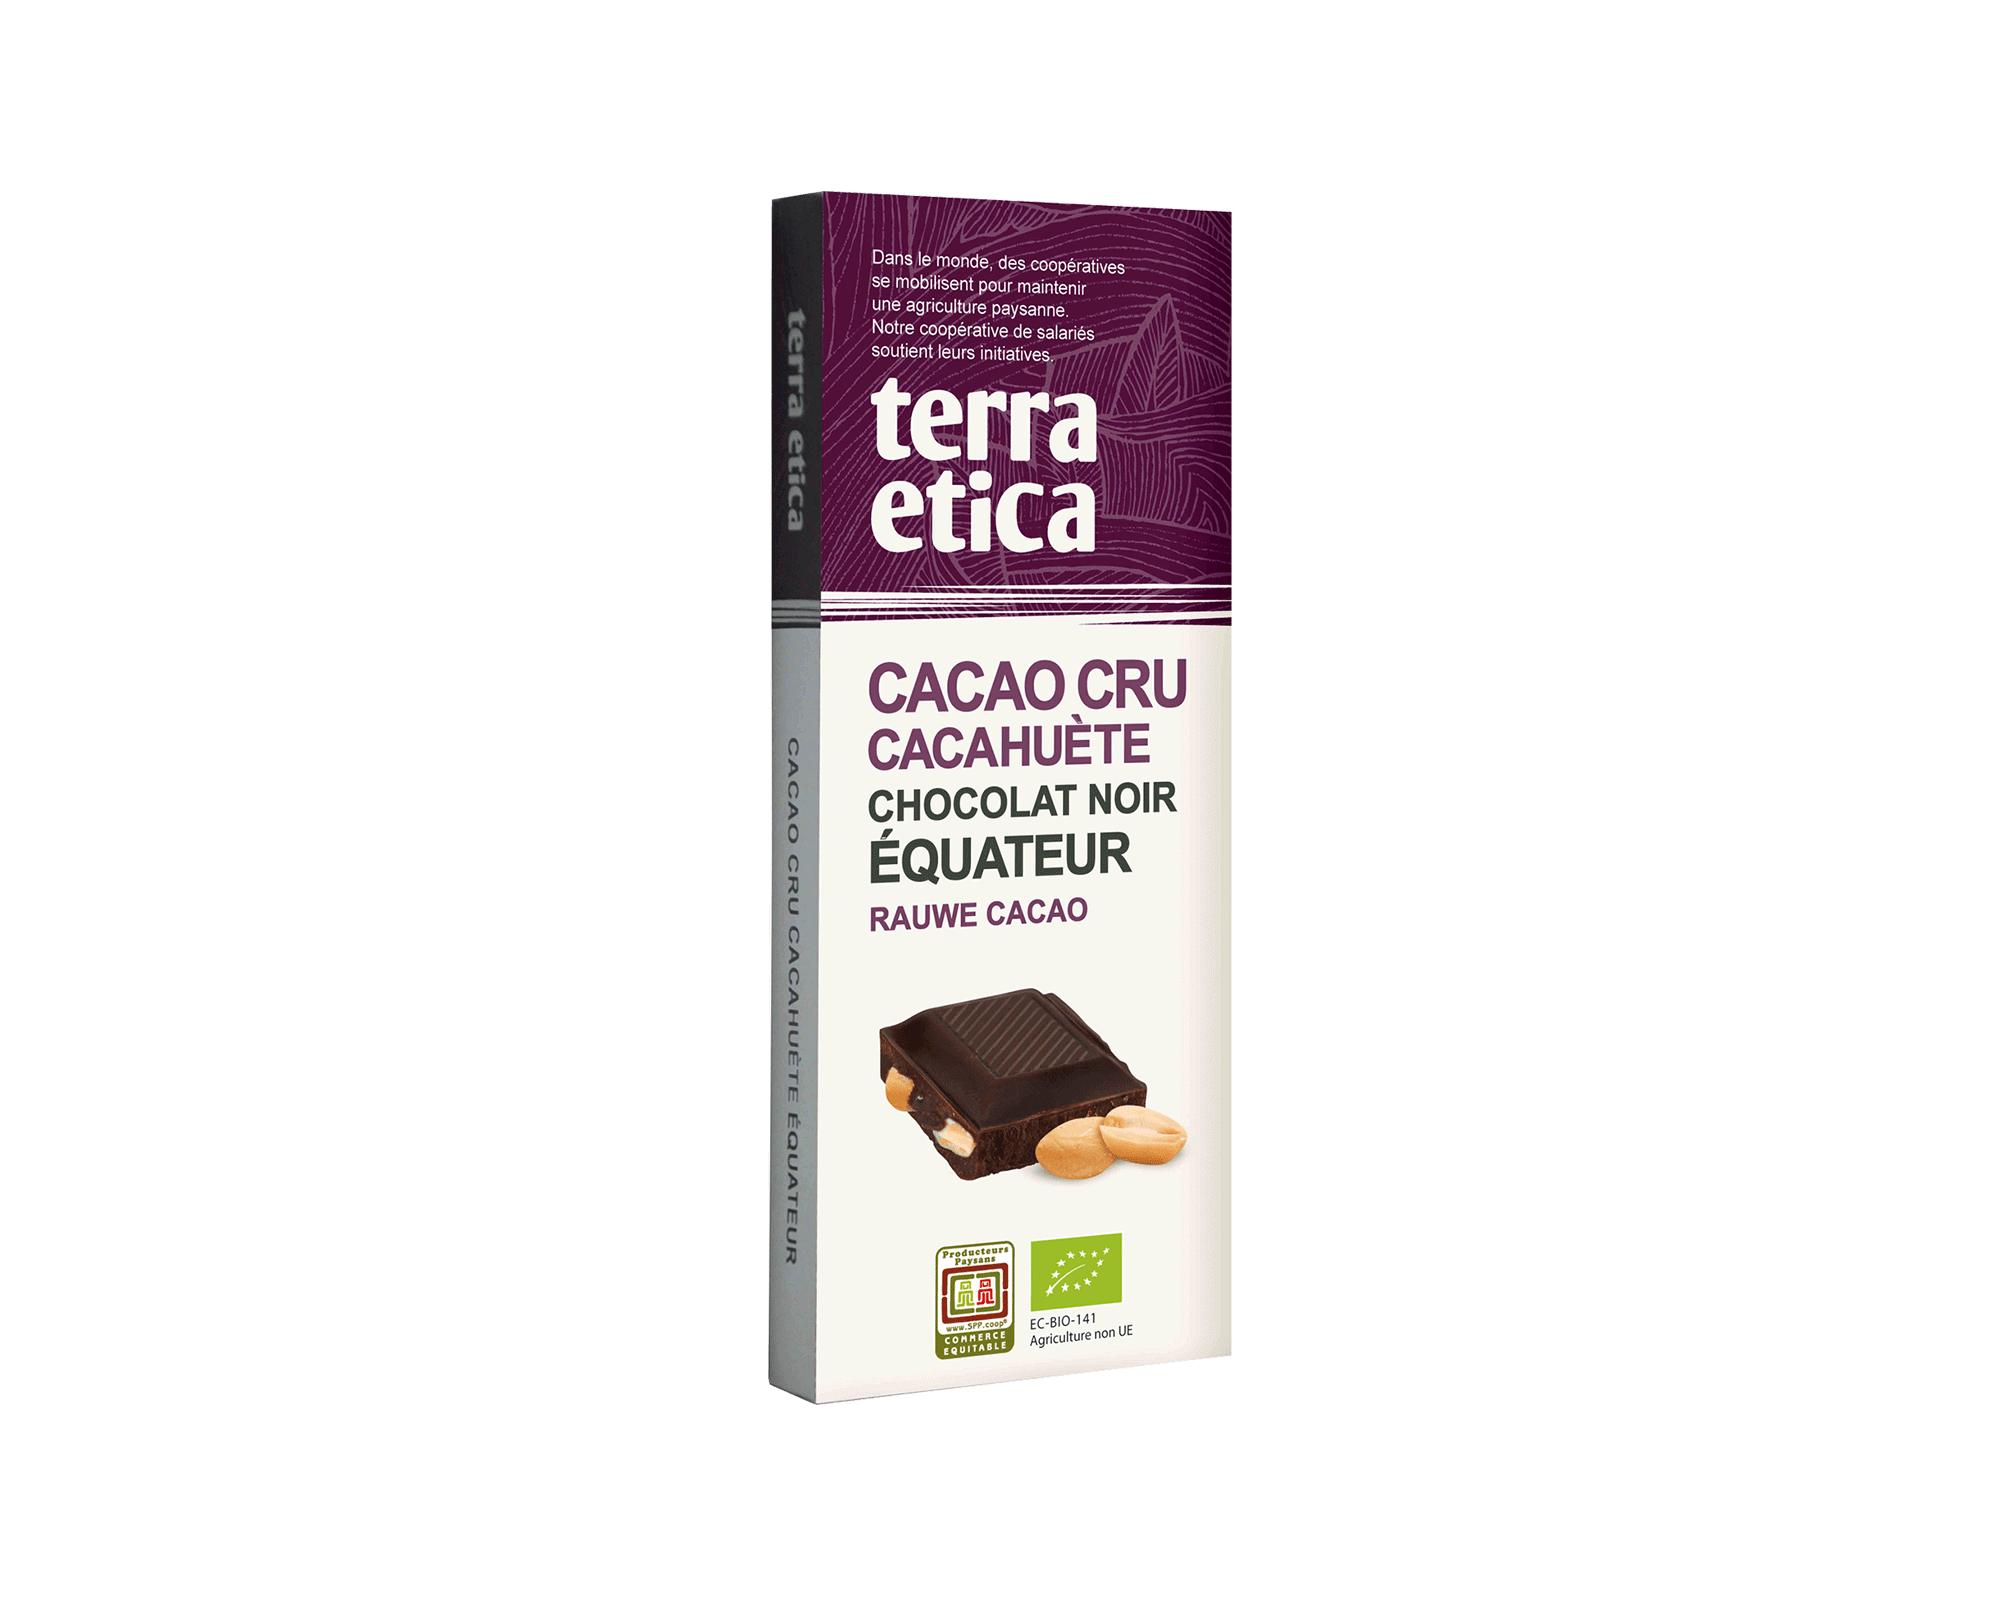 Cacao Cru 70% cacao non torréfié et Cacahuète bio et équitable I Terra Etica